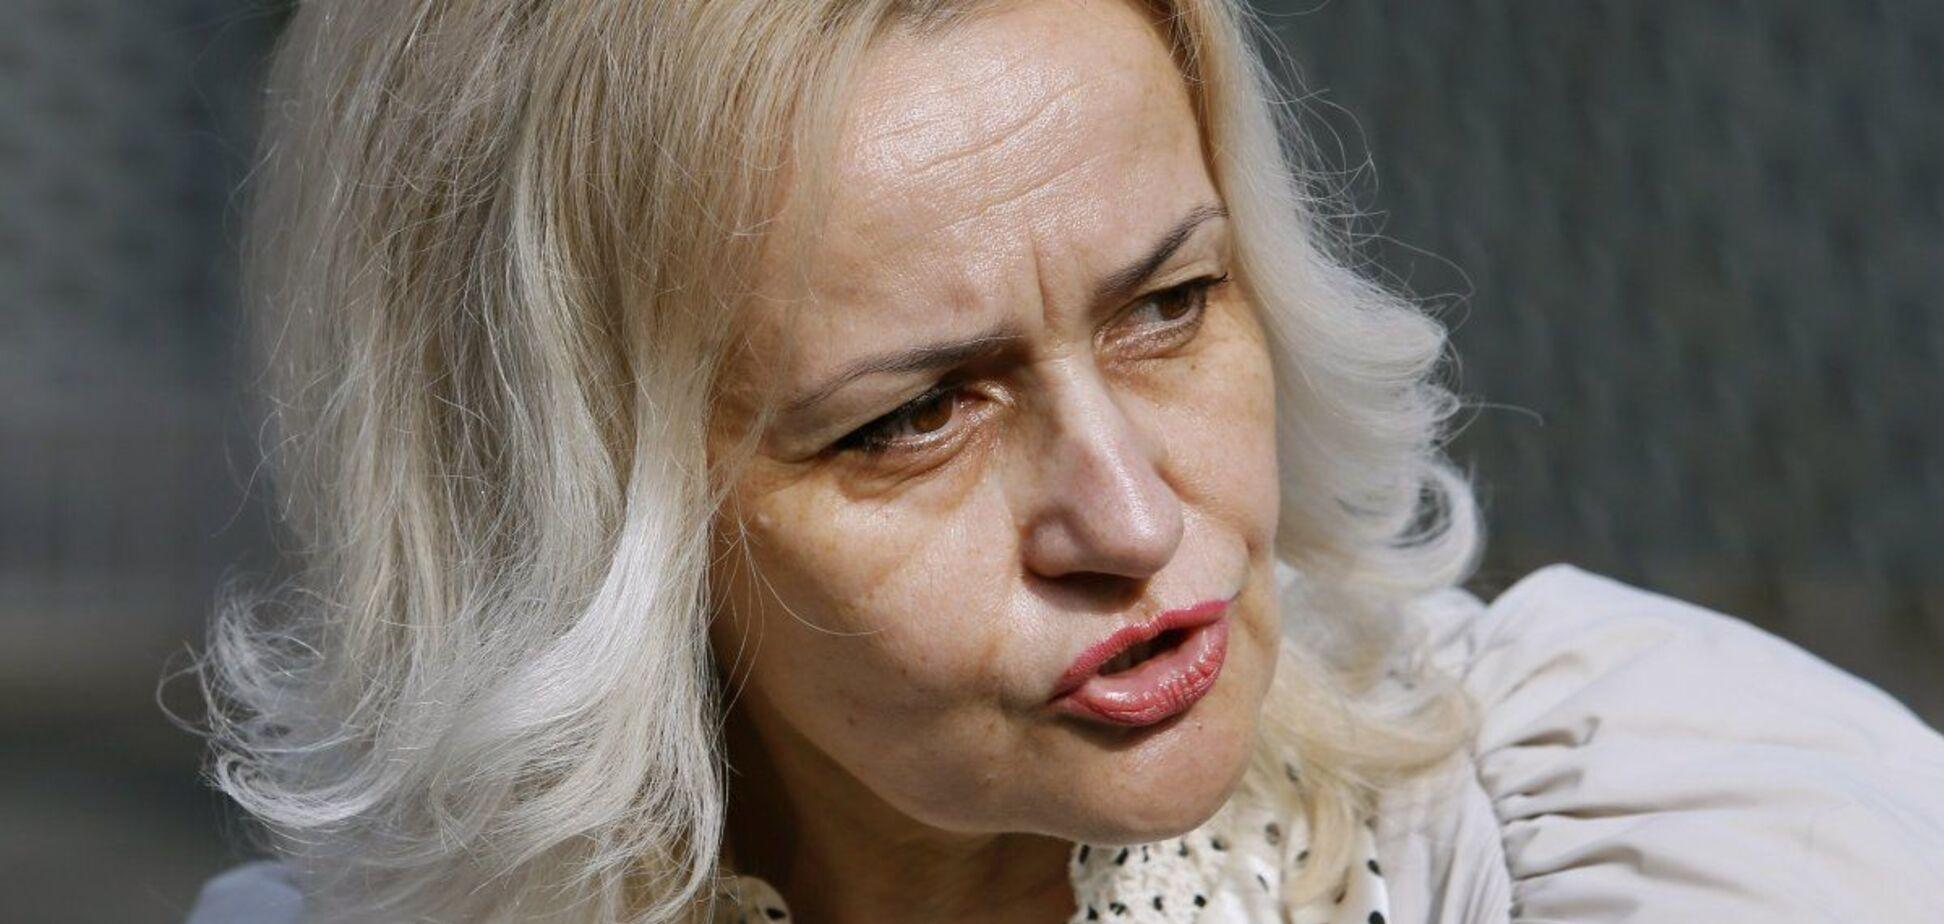 'Як ці потвори остогидли!' Фаріон потрапила в гучний скандал через євреїв